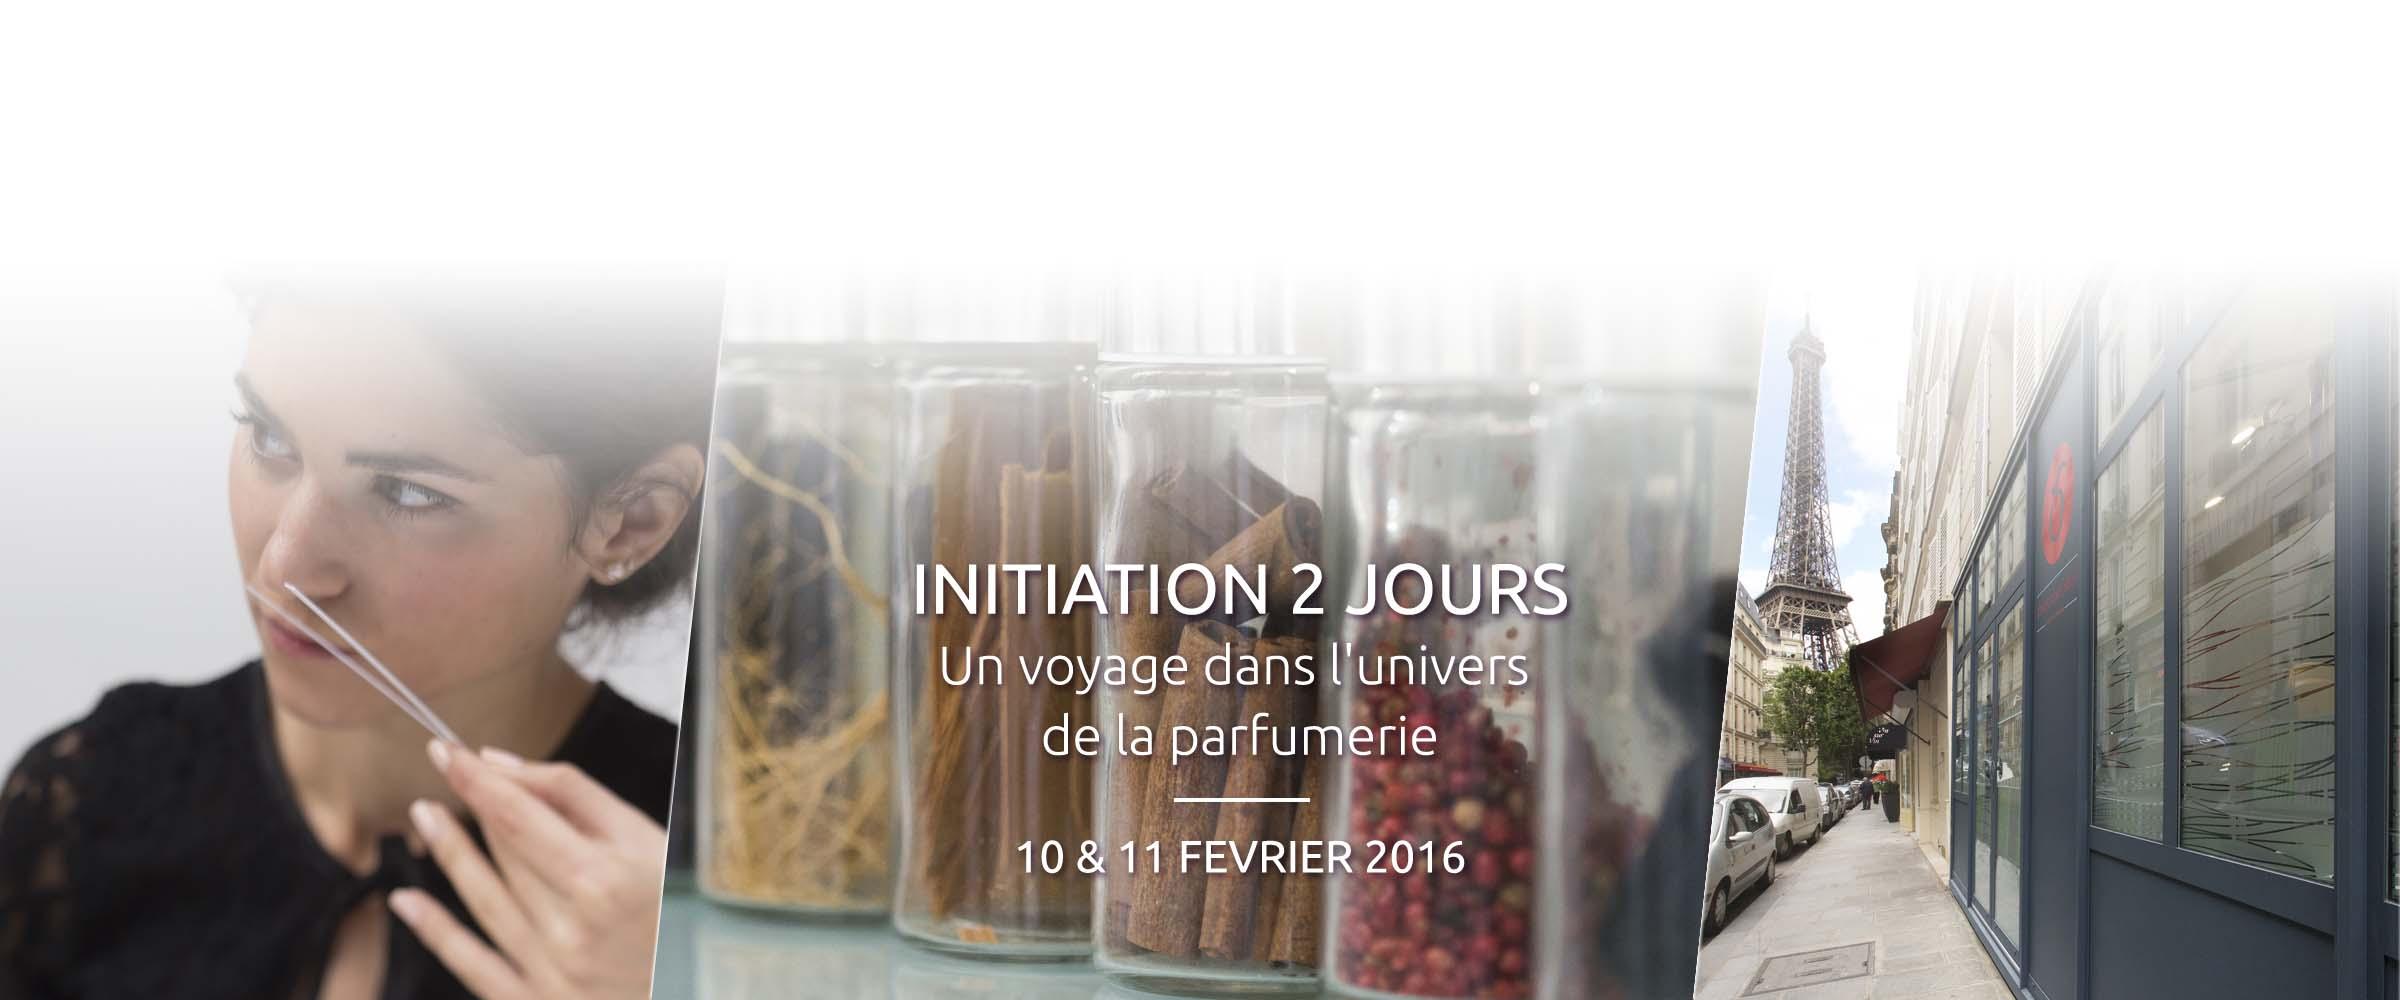 initiation-2j